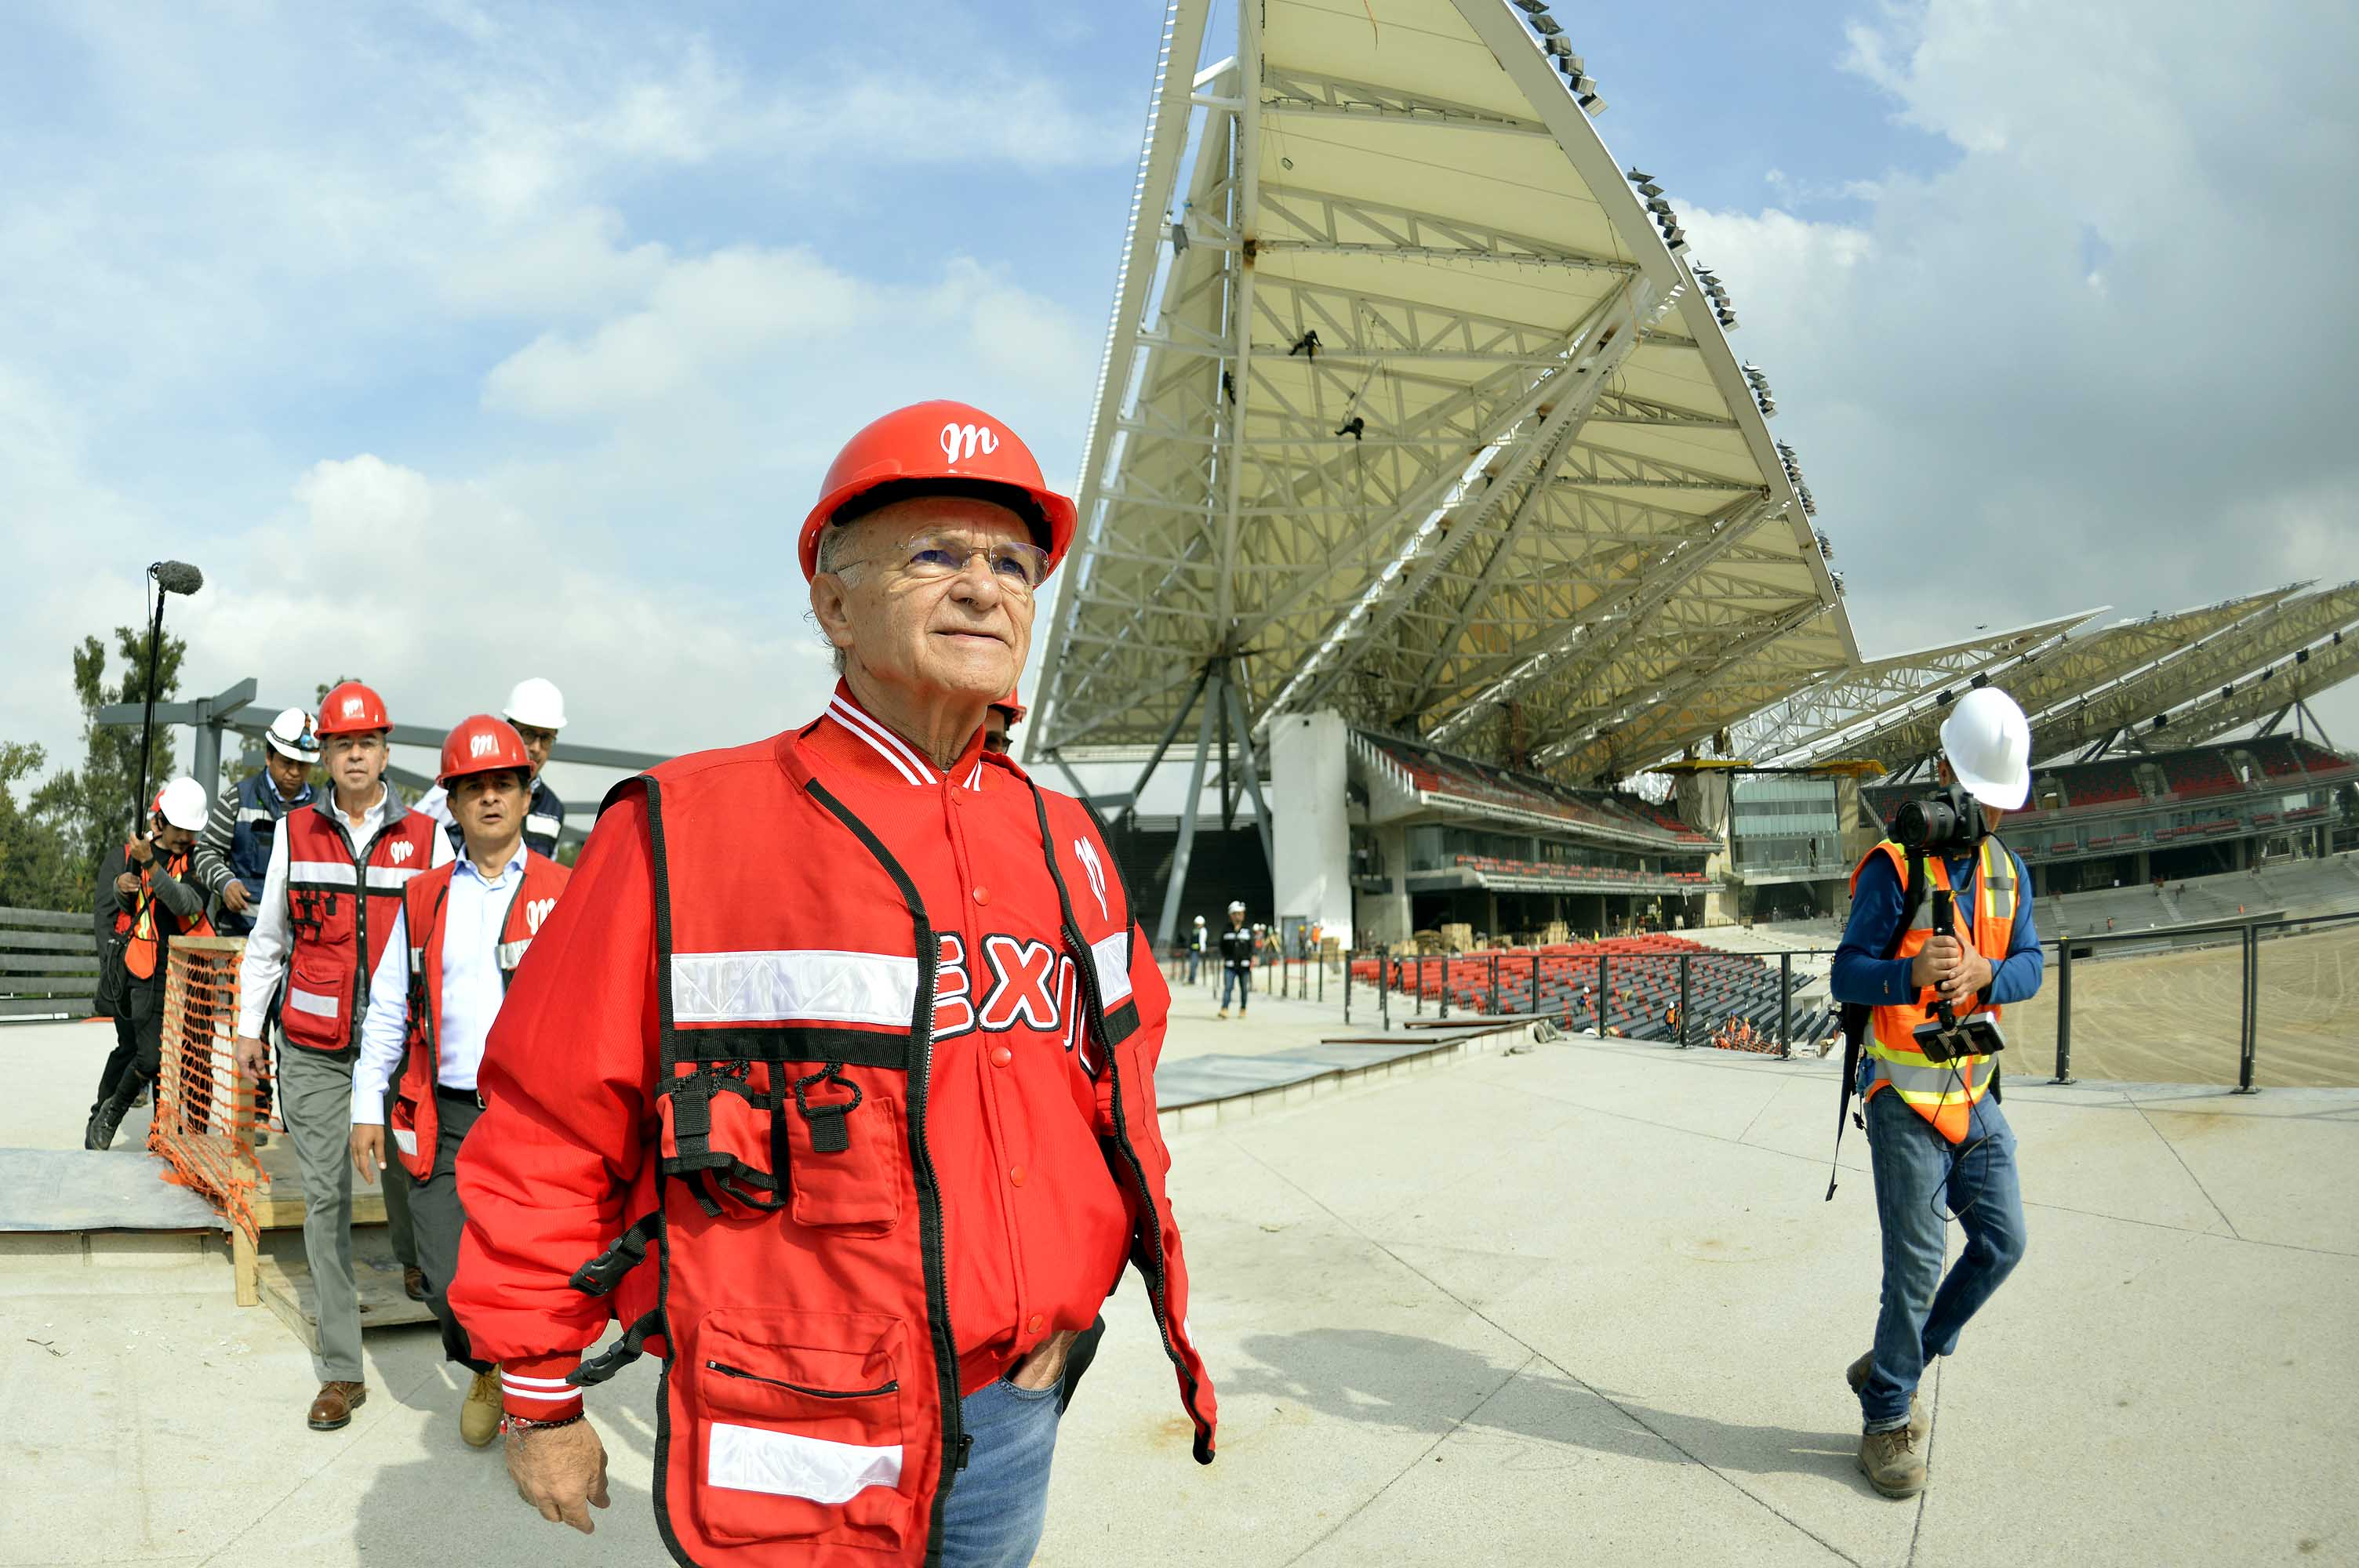 Analizan Padres-Diablos para inaugurar nuevo estadio del México